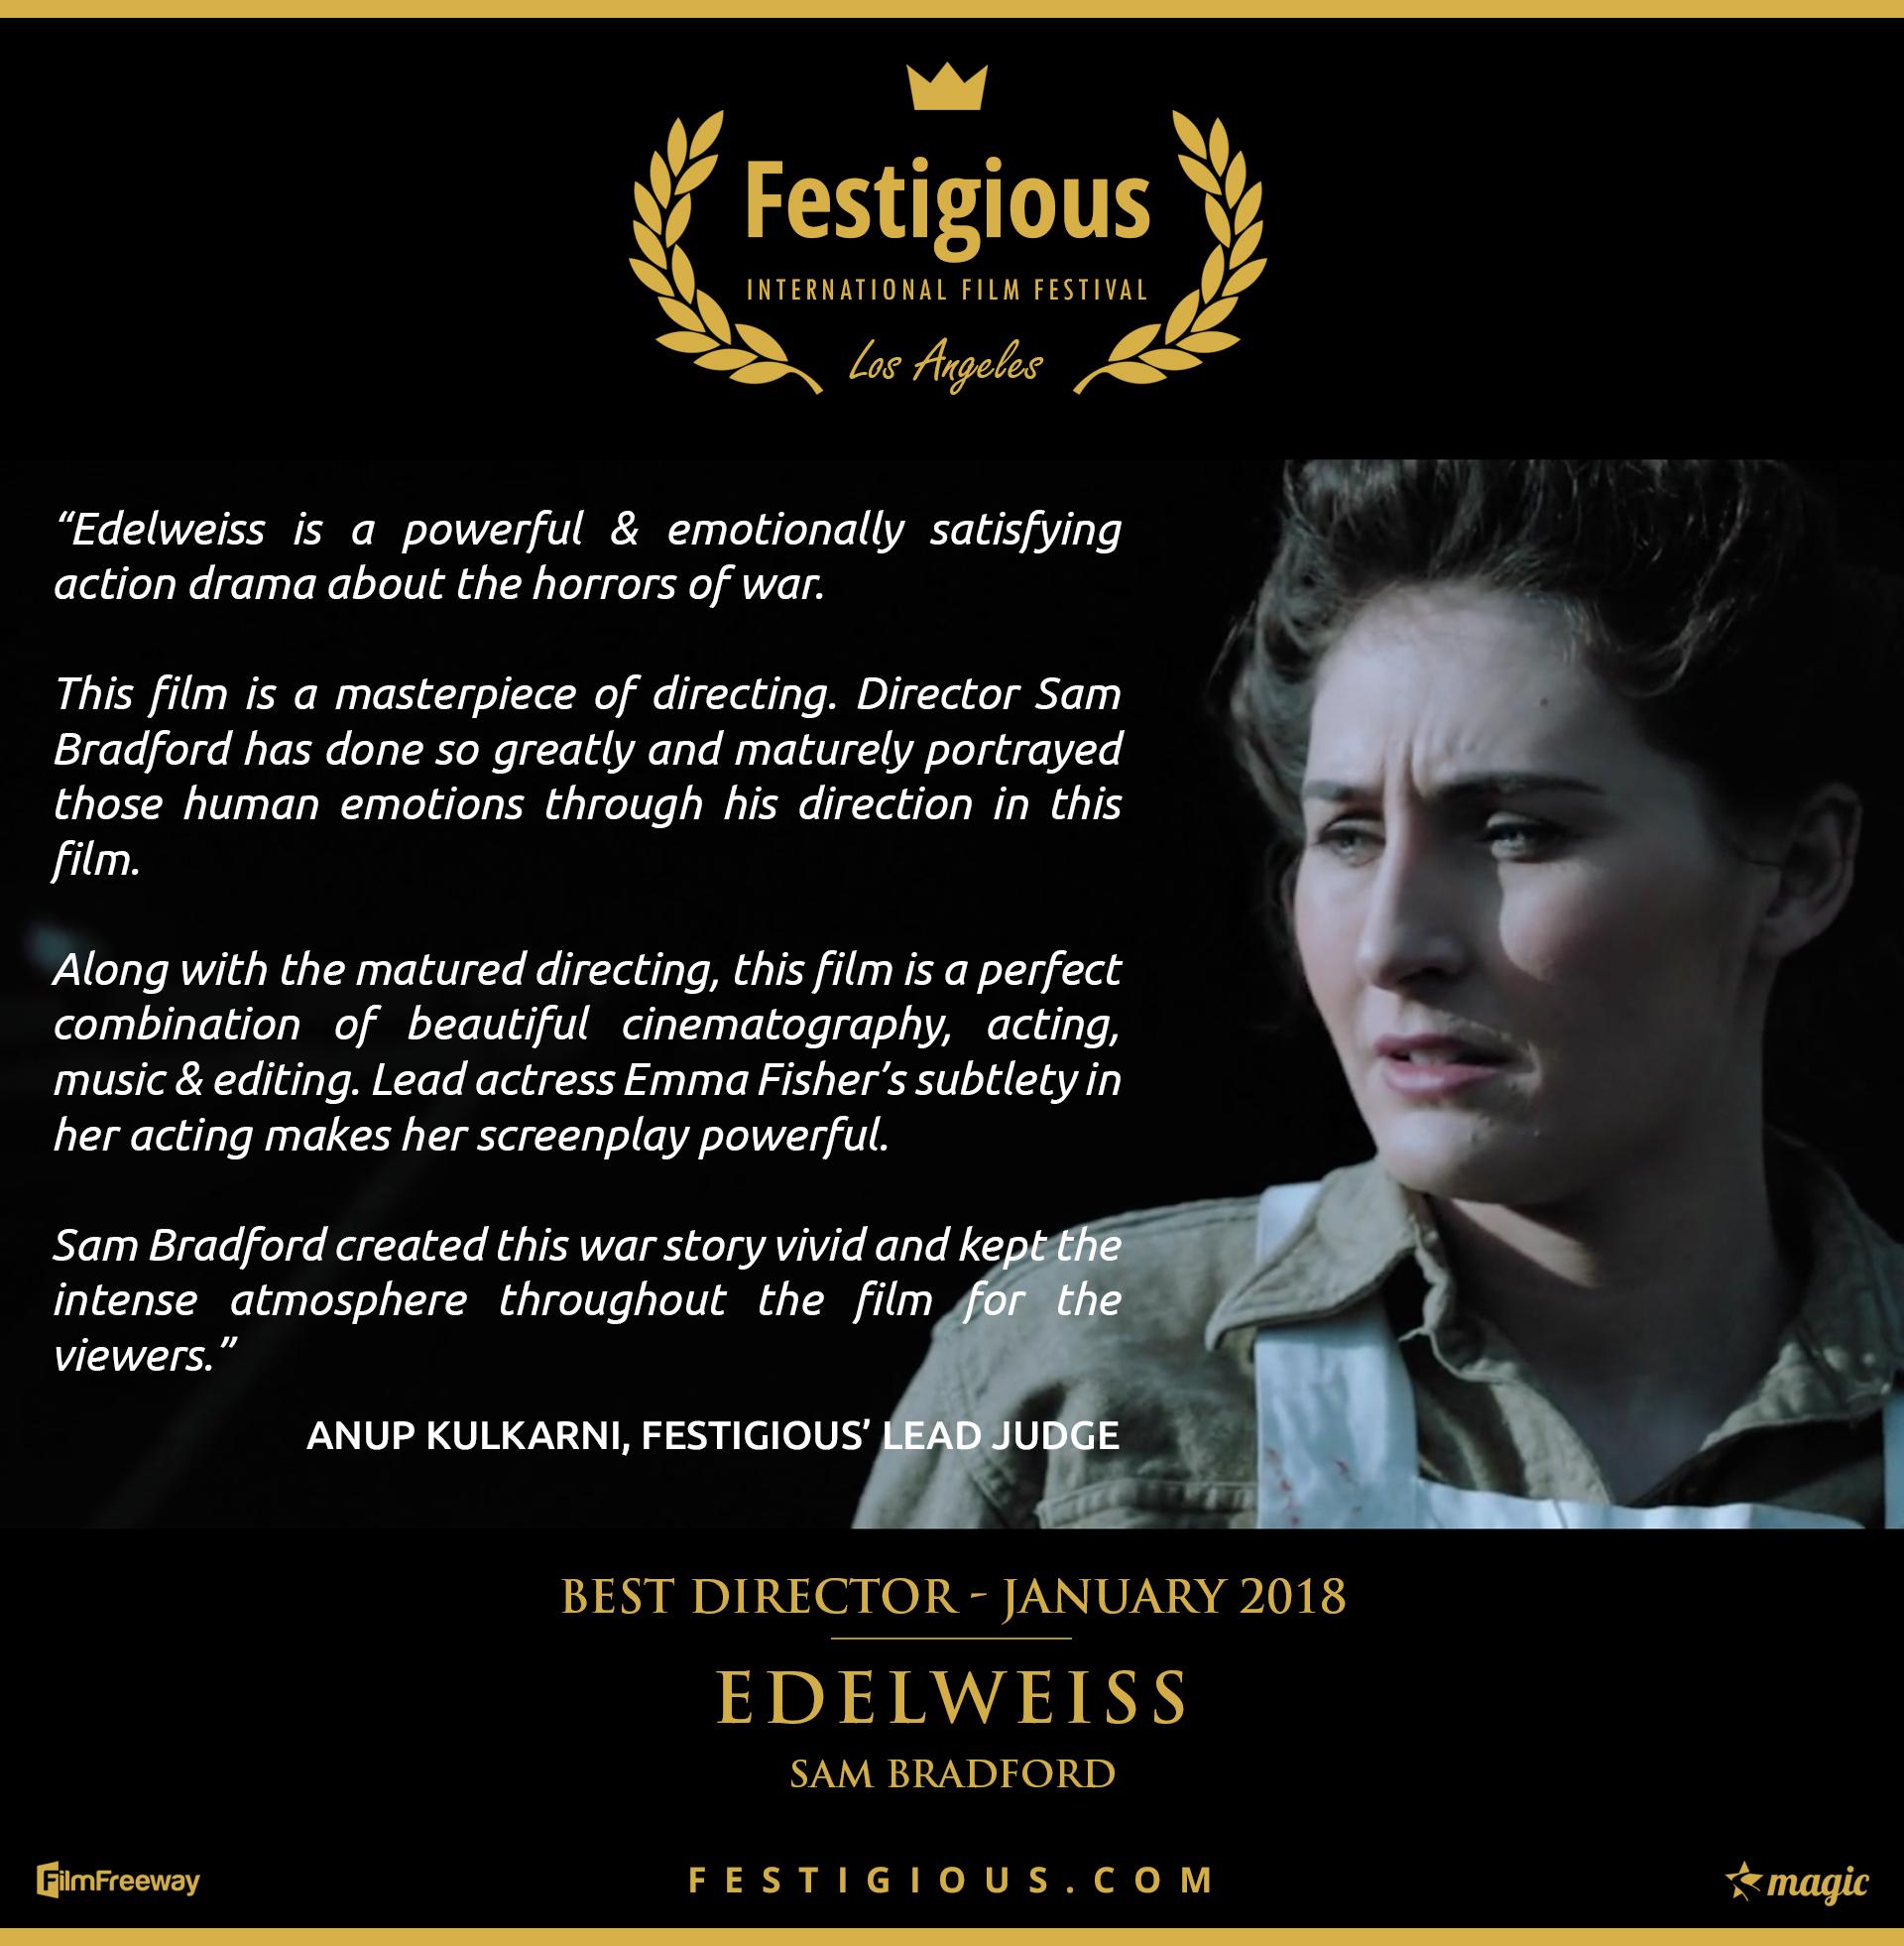 Edelweiss - Best Director